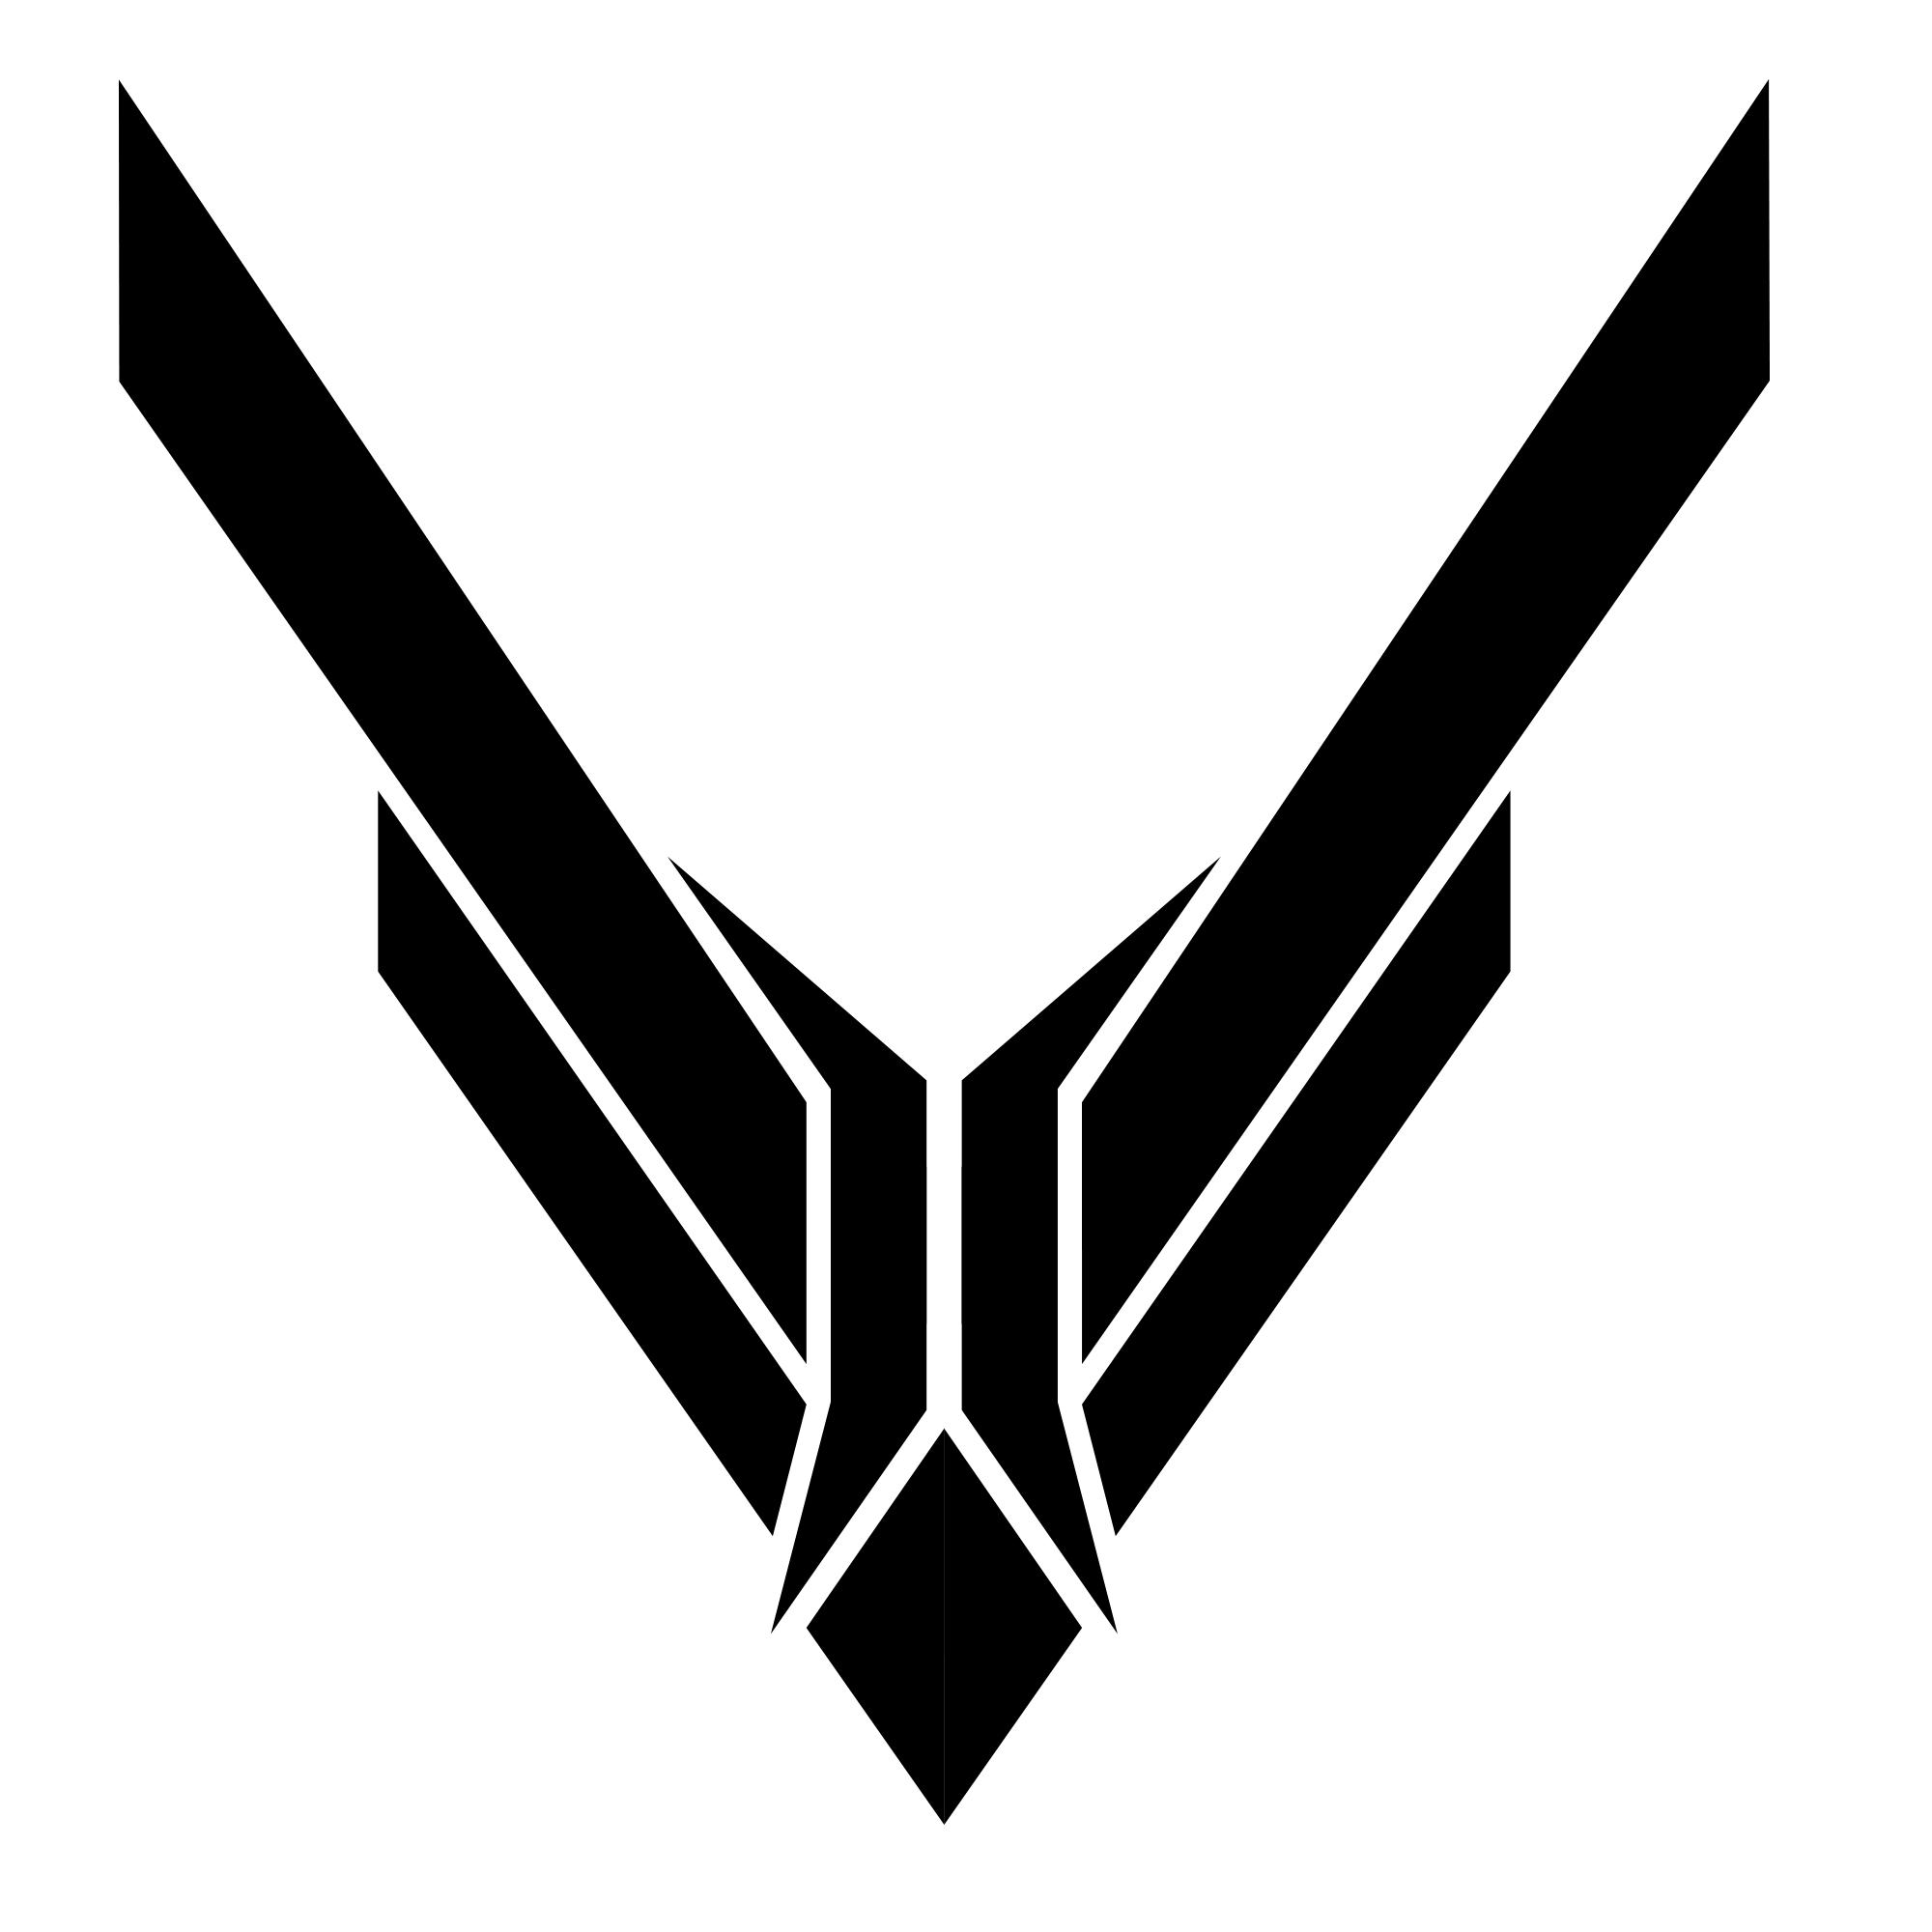 vlogoconcept by strkdesigns on deviantart